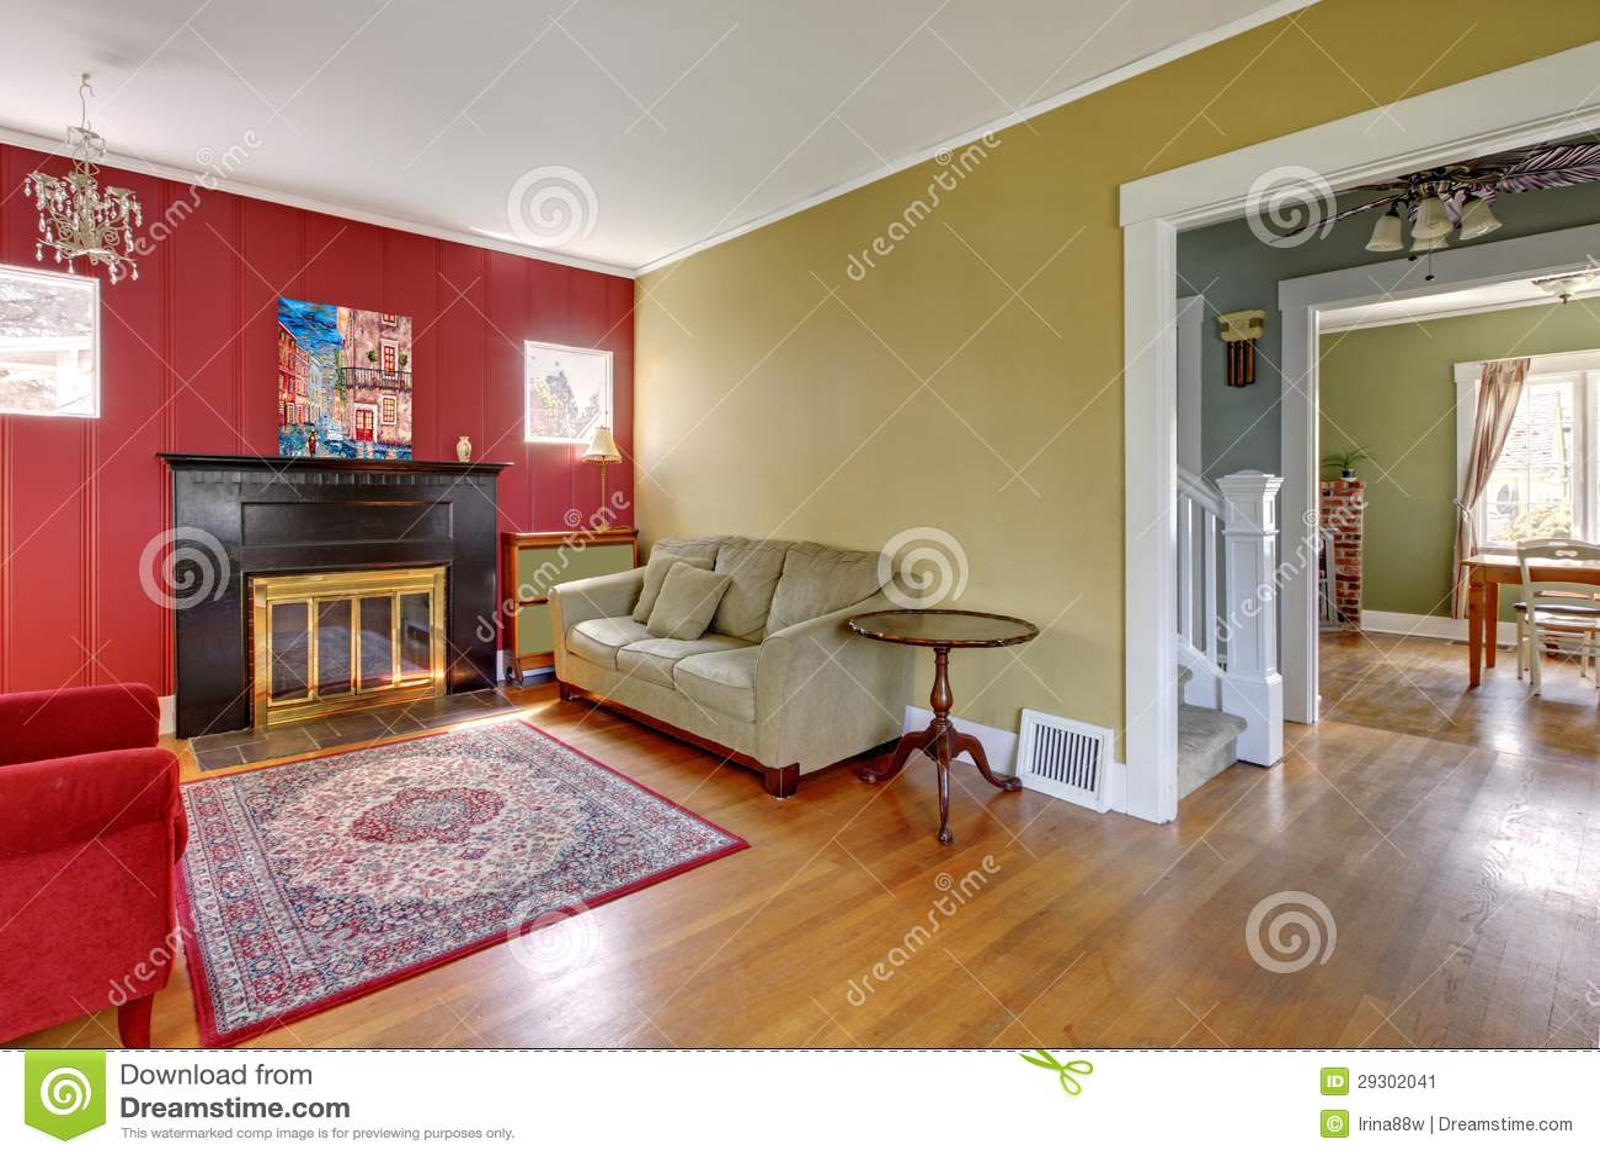 woonkamer met rode en gele muren en open haard. royaltyvrije, Meubels Ideeën